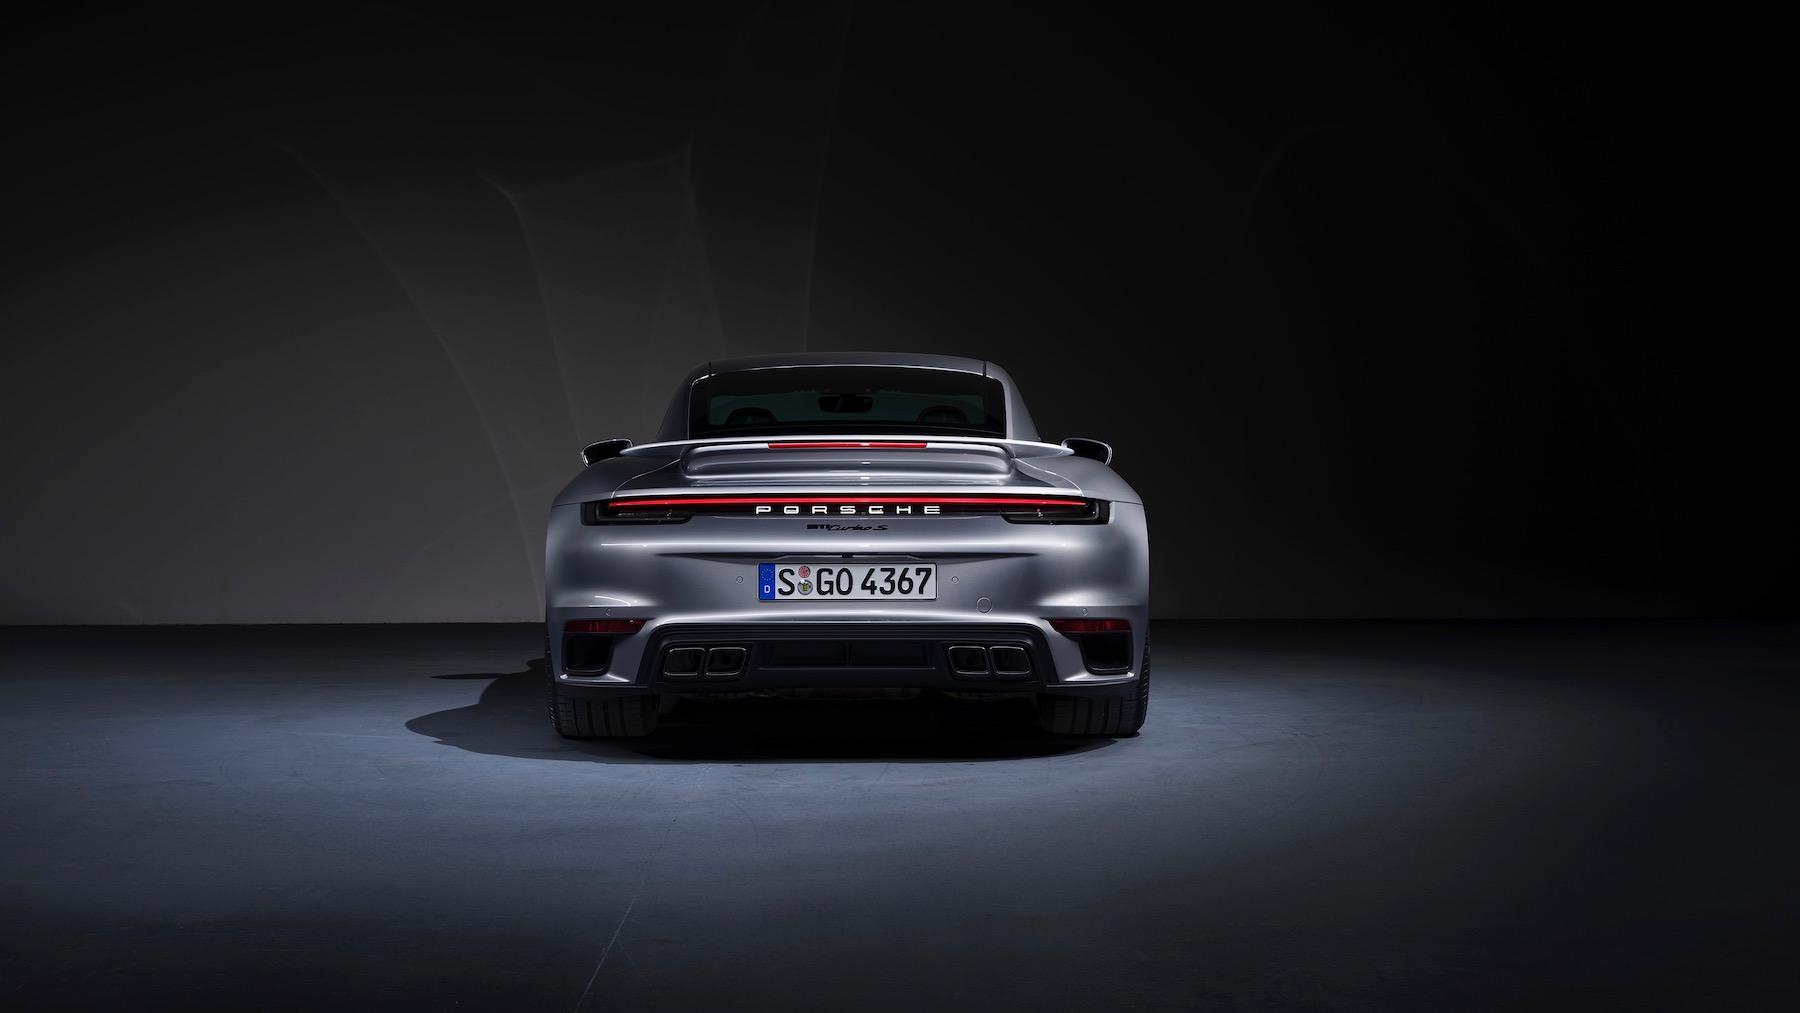 Porsche präsentiert die neue Generation des 911 Turbo S 2